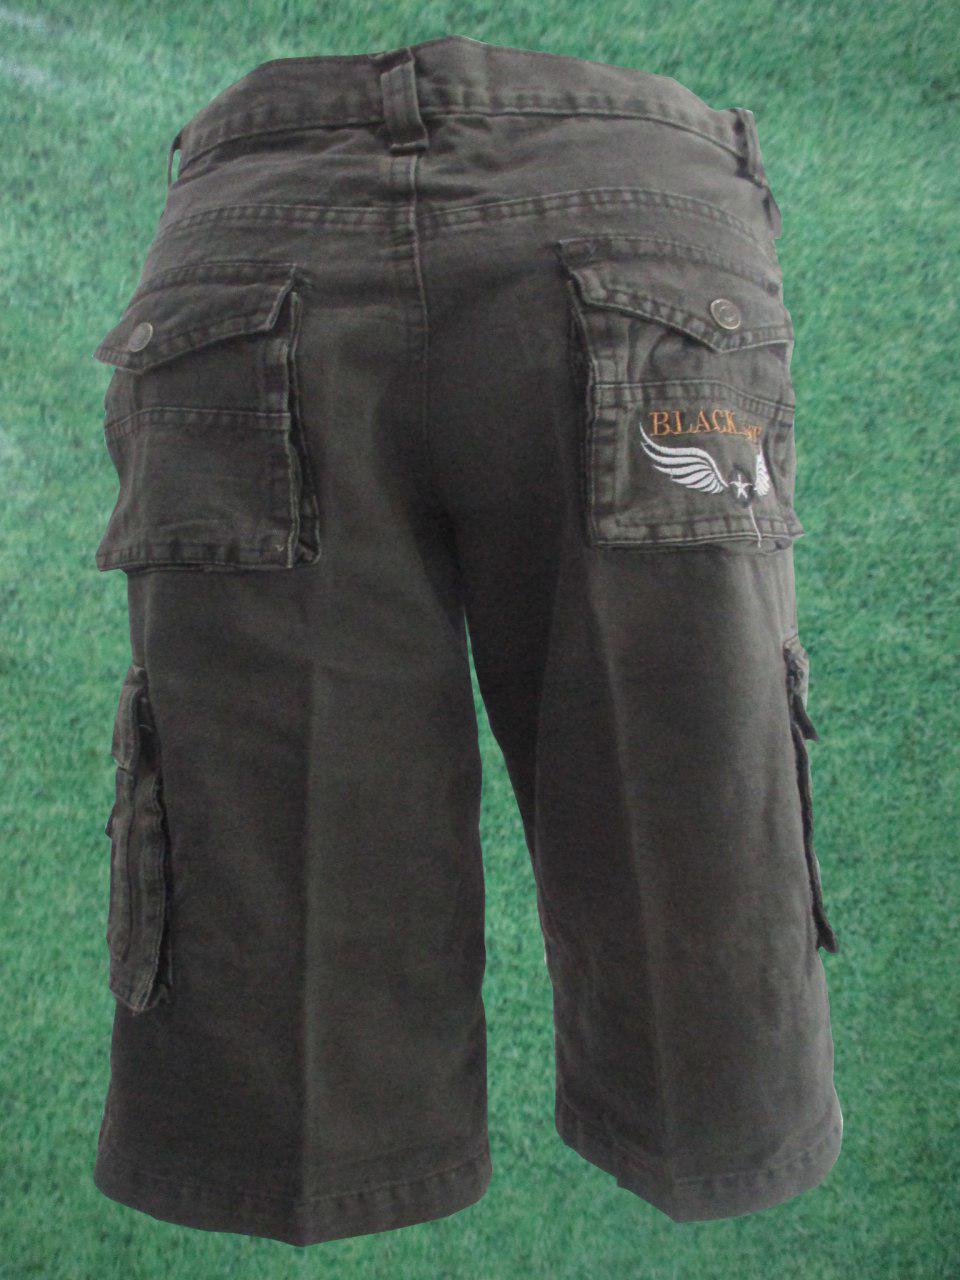 ObralanBaju.com Obral Baju Pakaian Murah Meriah 5000 Celana Kanvas Cargo